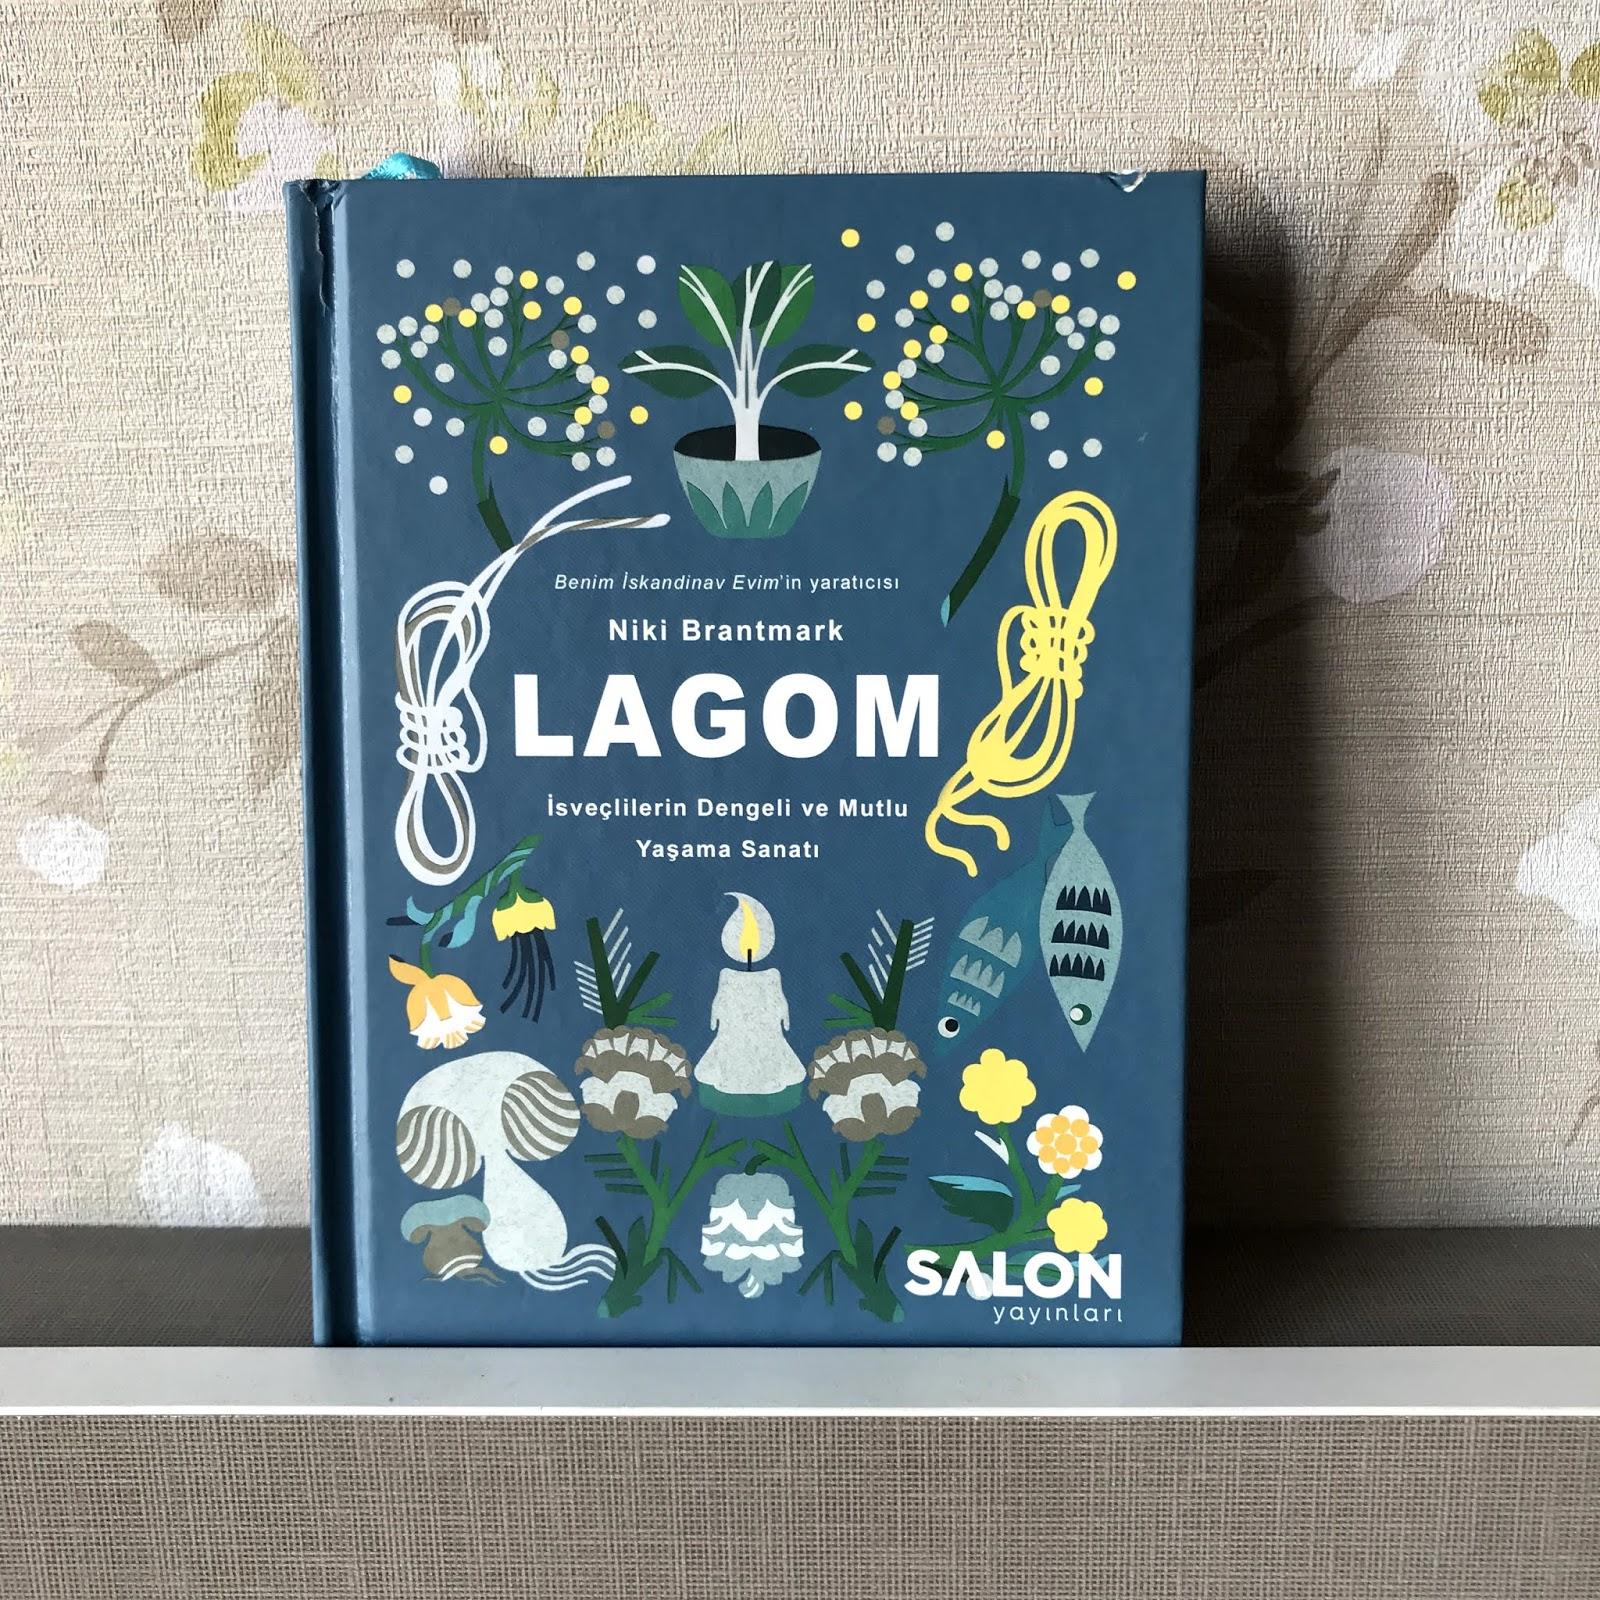 Lagom - Isveclilerin Dengeli ve Mutlu Yasama Sanati (Kitap)